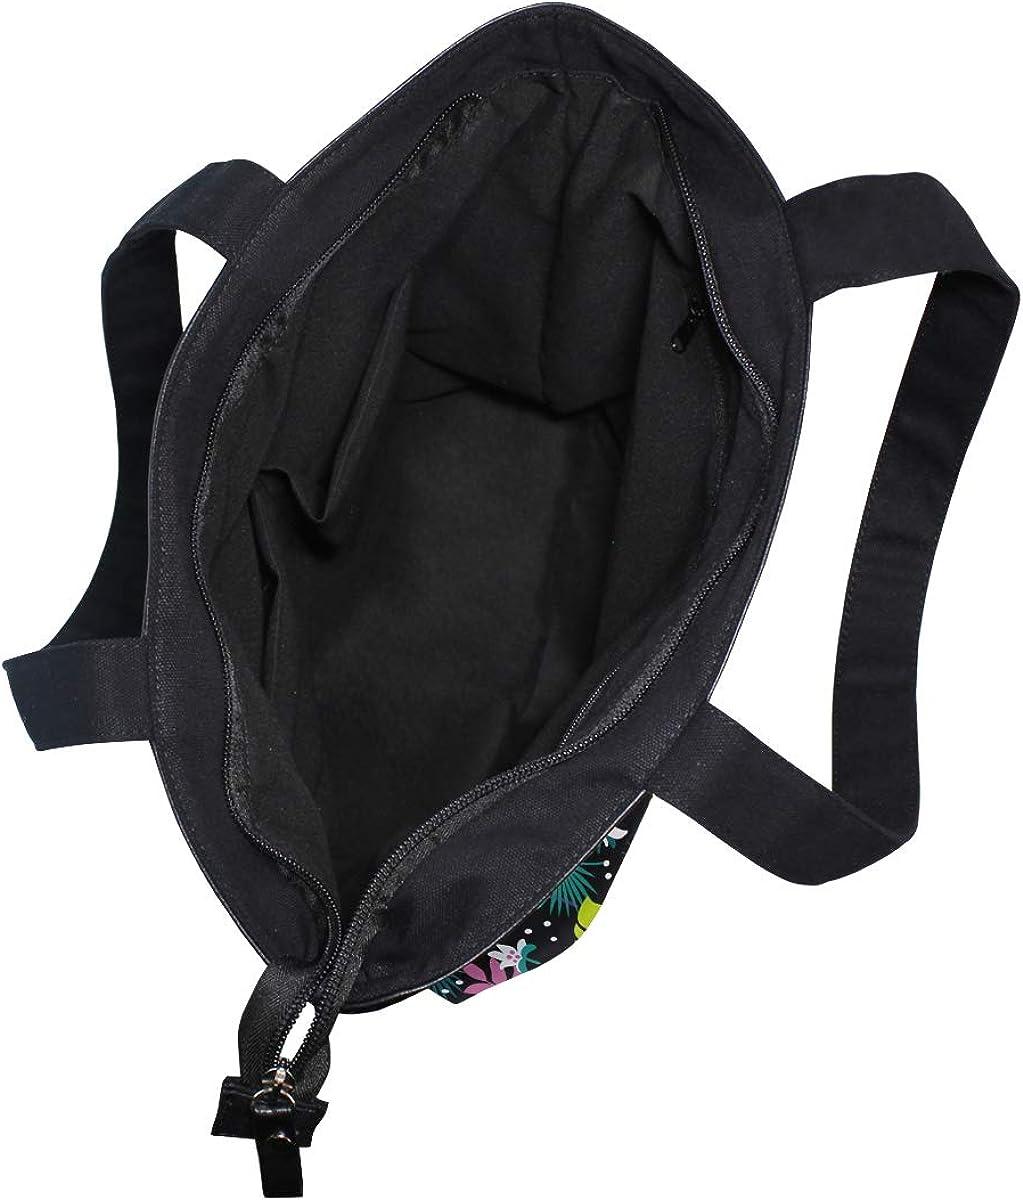 Tropical Fashion Textile Pattern Casual Style Lightweight Canvas Backpack School Bag Handbag Work Bag Shoulder Handbag Travel Bag